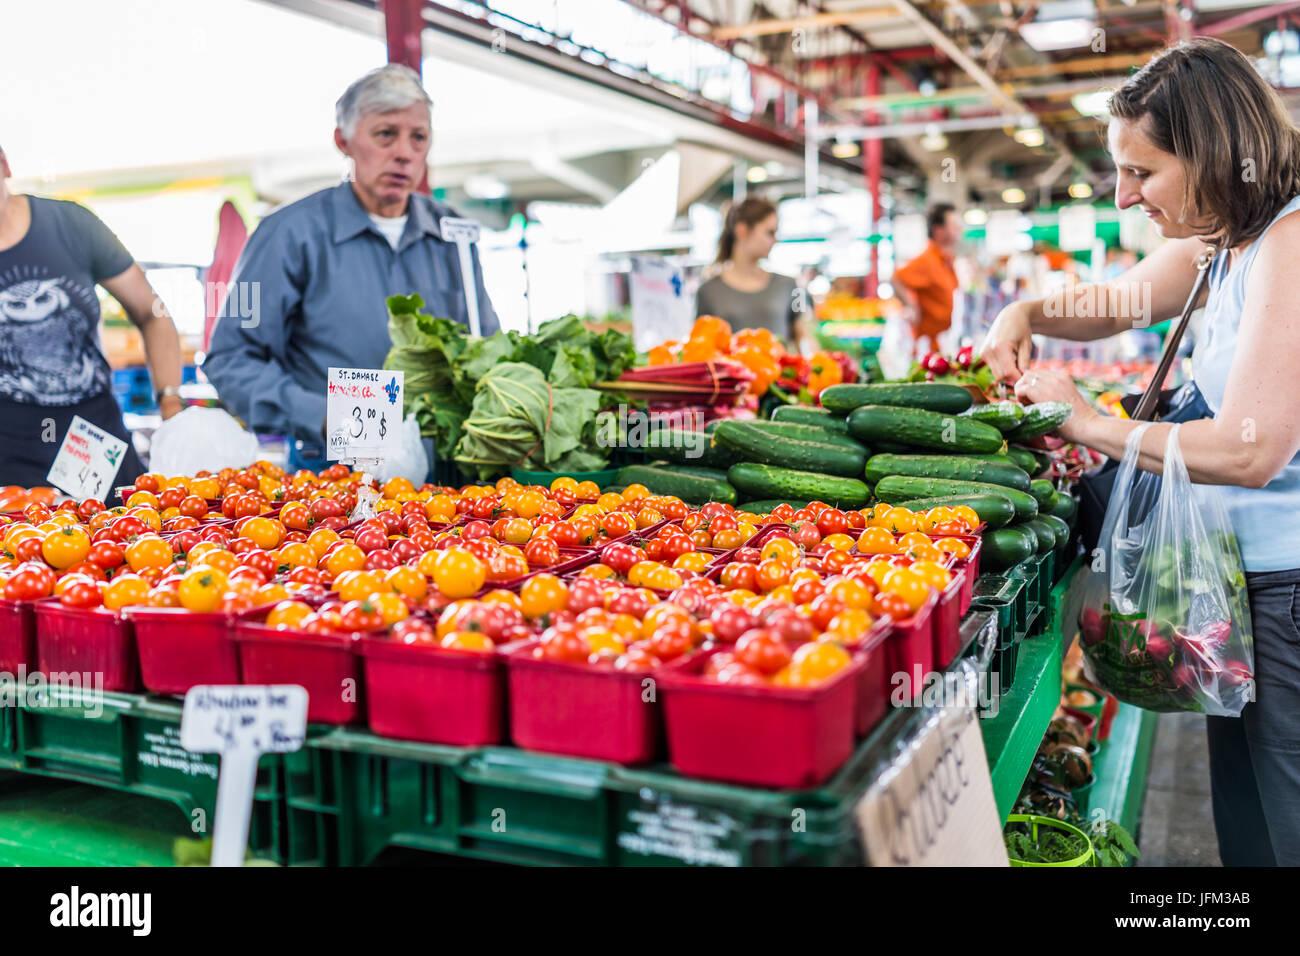 Montreal, Canada - 28 Maggio 2017: uomo vendere produzione da frutta stand con la donna acquisto di cetrioli a Jean Immagini Stock